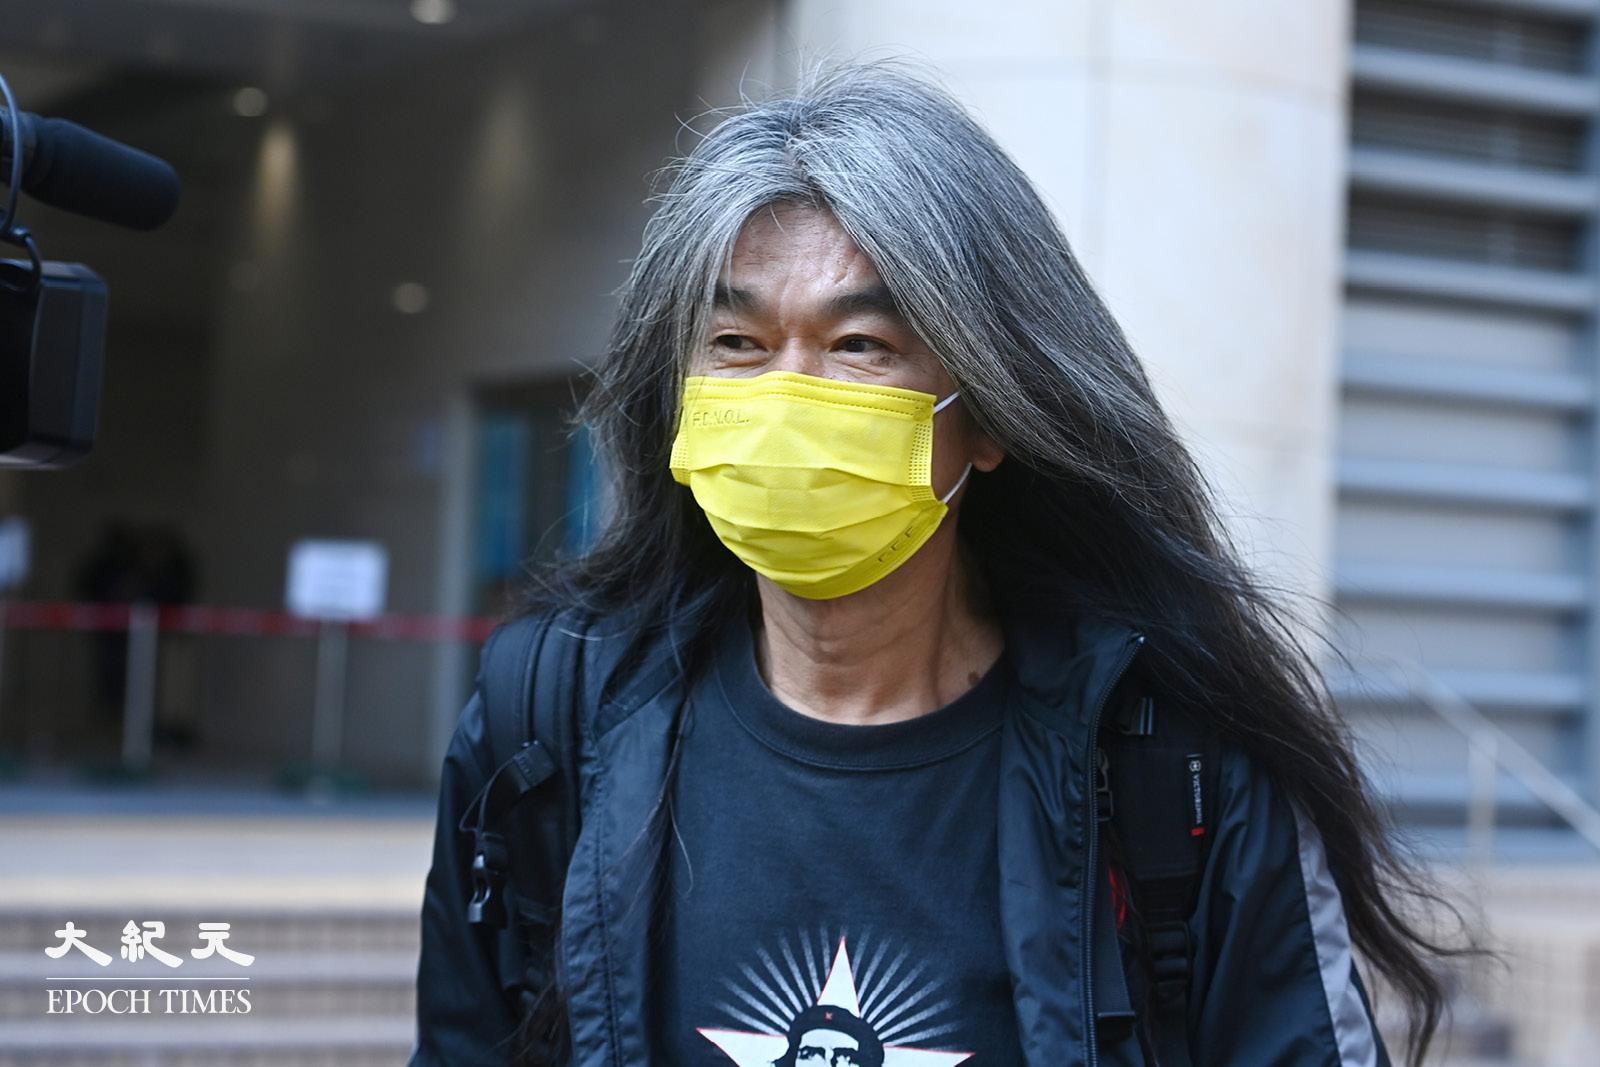 社民連副主席長毛梁國雄表示不認罪,並在庭上說「集會無罪,反對政治檢控」。(宋碧龍/大紀元)